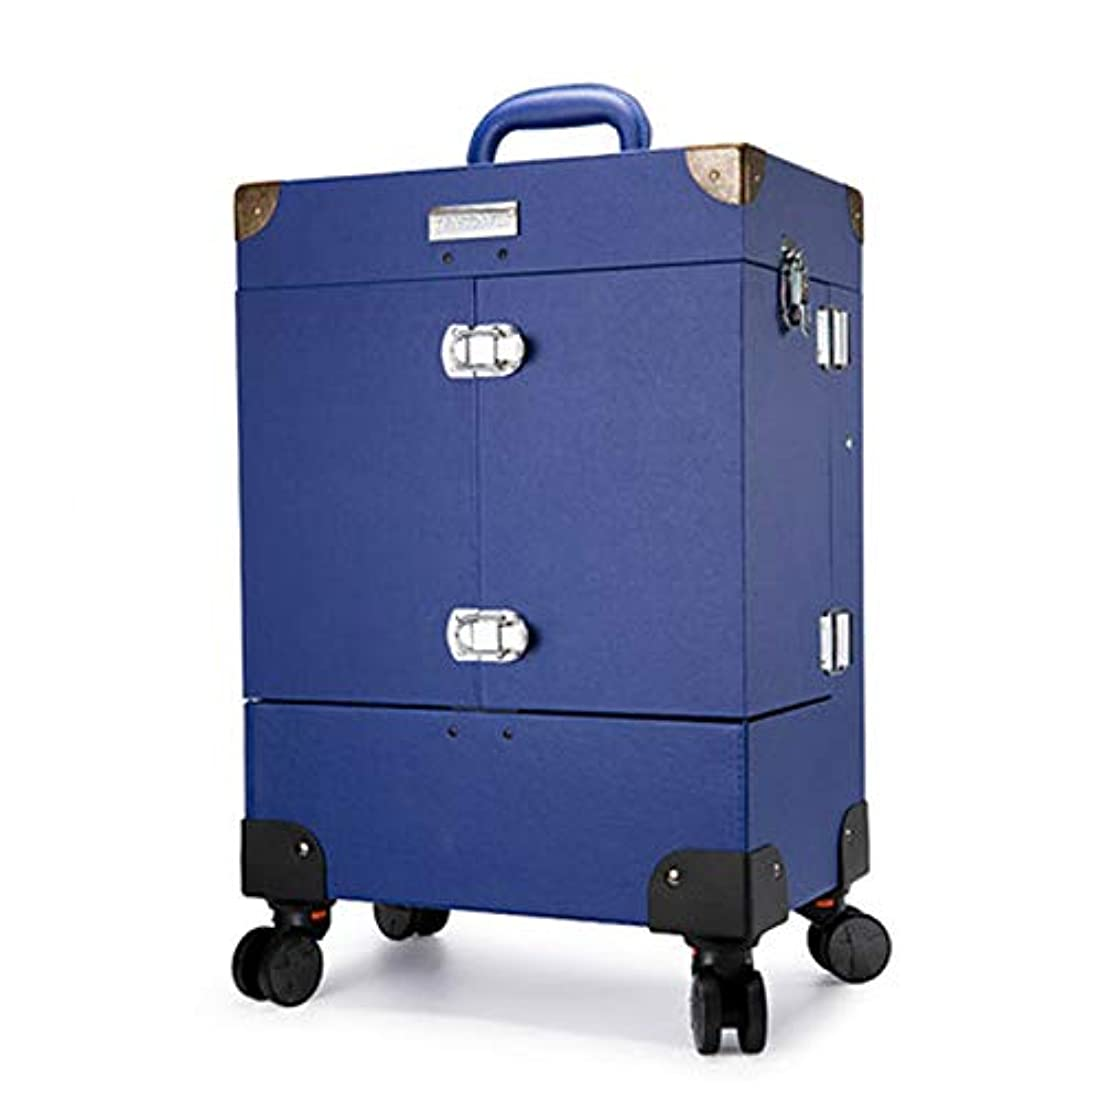 同等のリーン牧師プロ専用 ネイリスト クローゼット スーツケース ネイル収納 メイクボックス キャリーバッグ ヘアメイク ネイル 大容量 軽量 高品質 多機能 プロ I-JL-3505T-BL